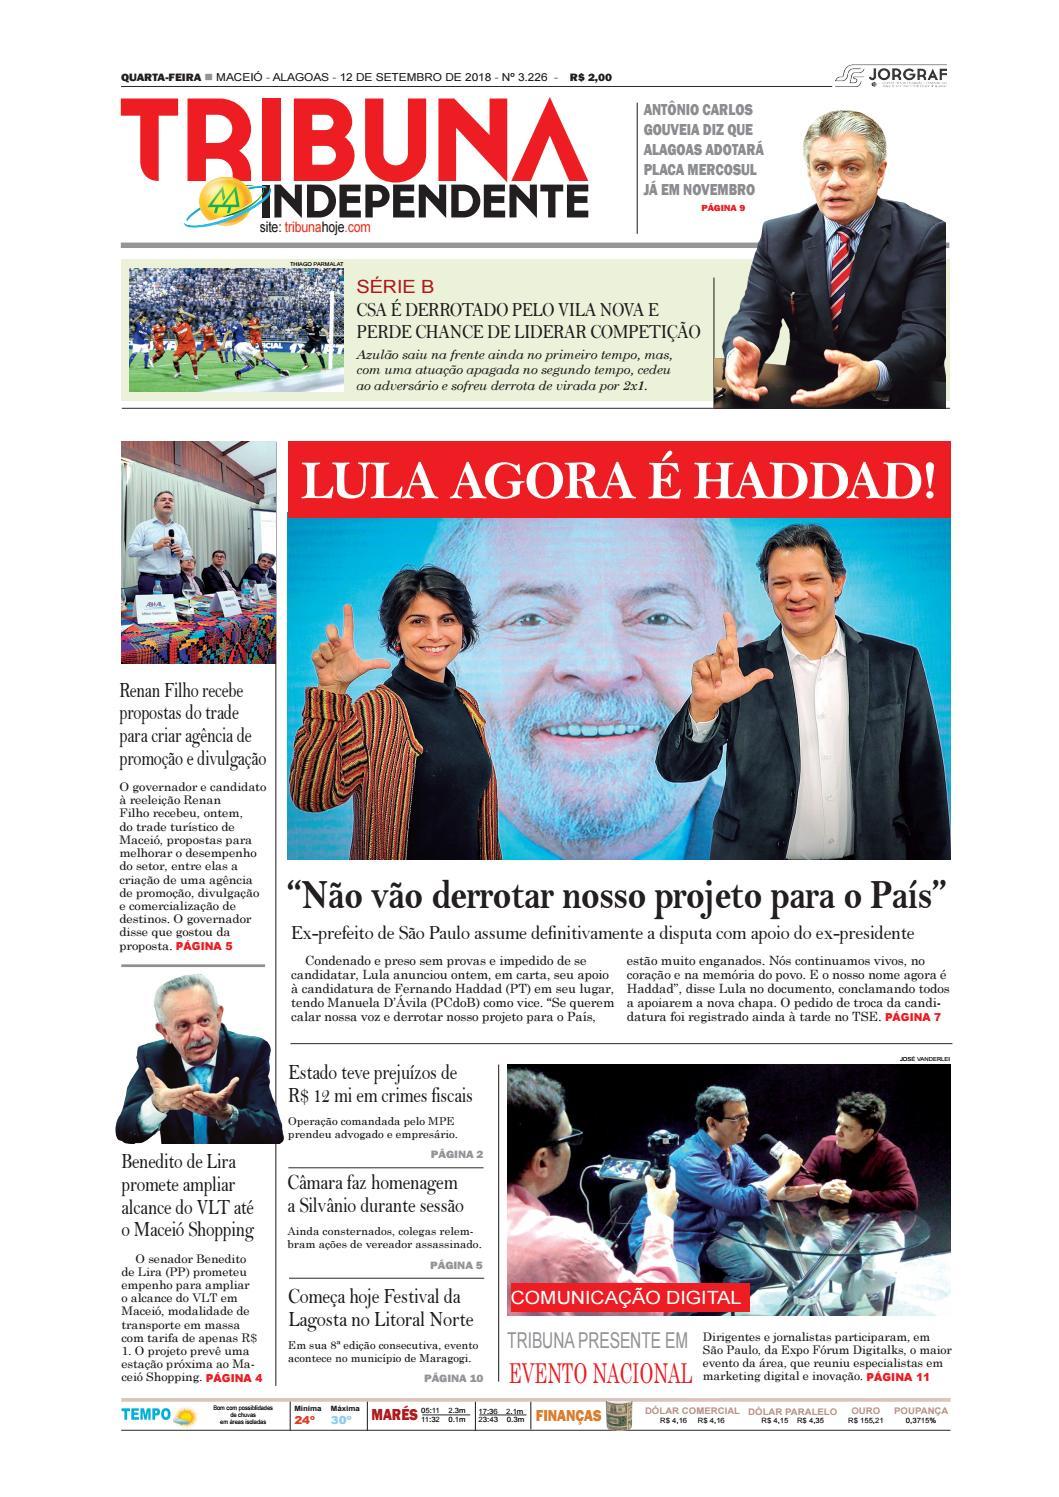 7fdb3912275 Edição número 3226 - 12 de setembro de 2018 by Tribuna Hoje - issuu